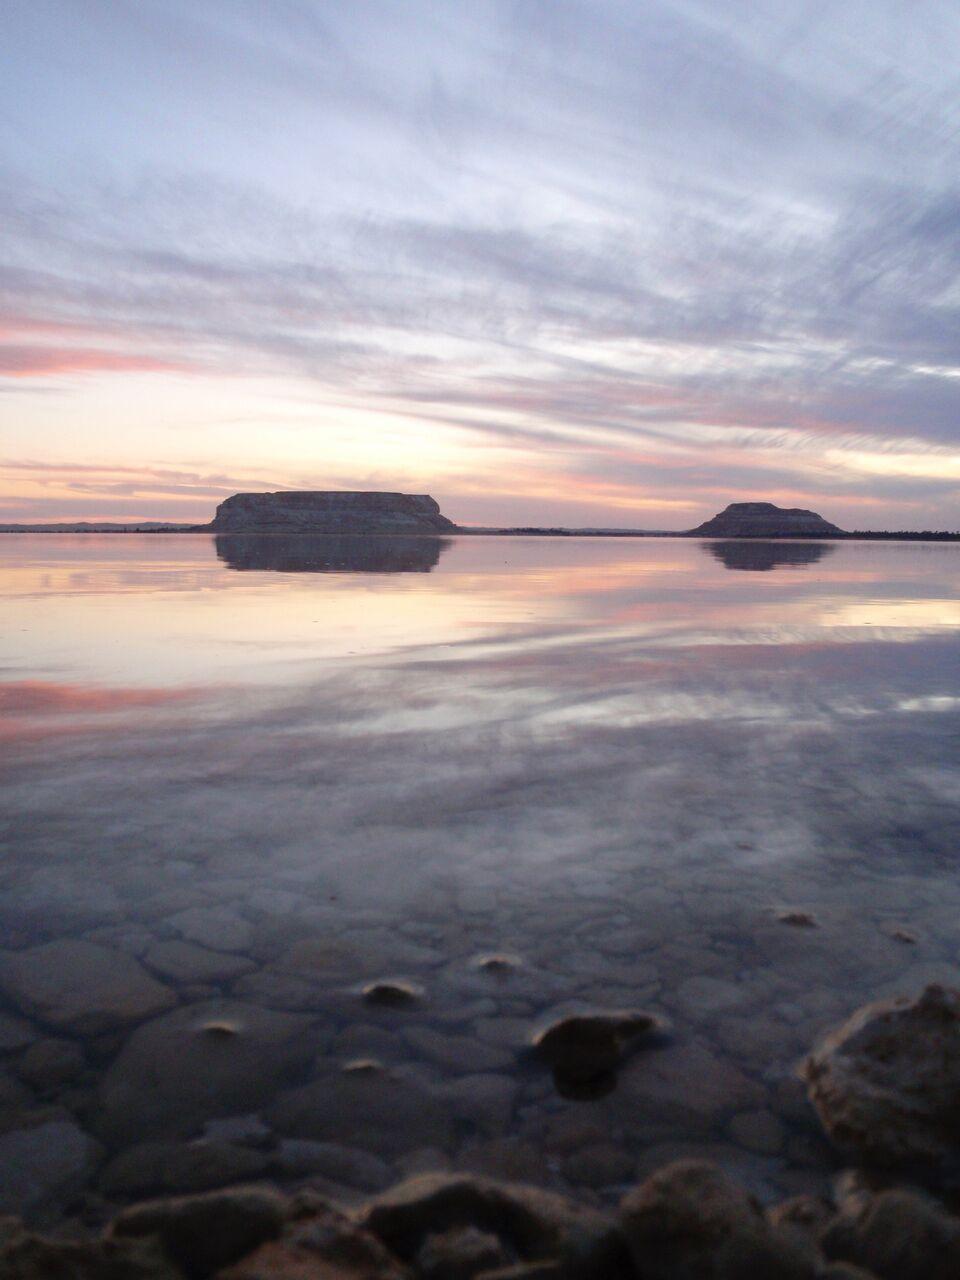 Sunset in Siwa Oasis